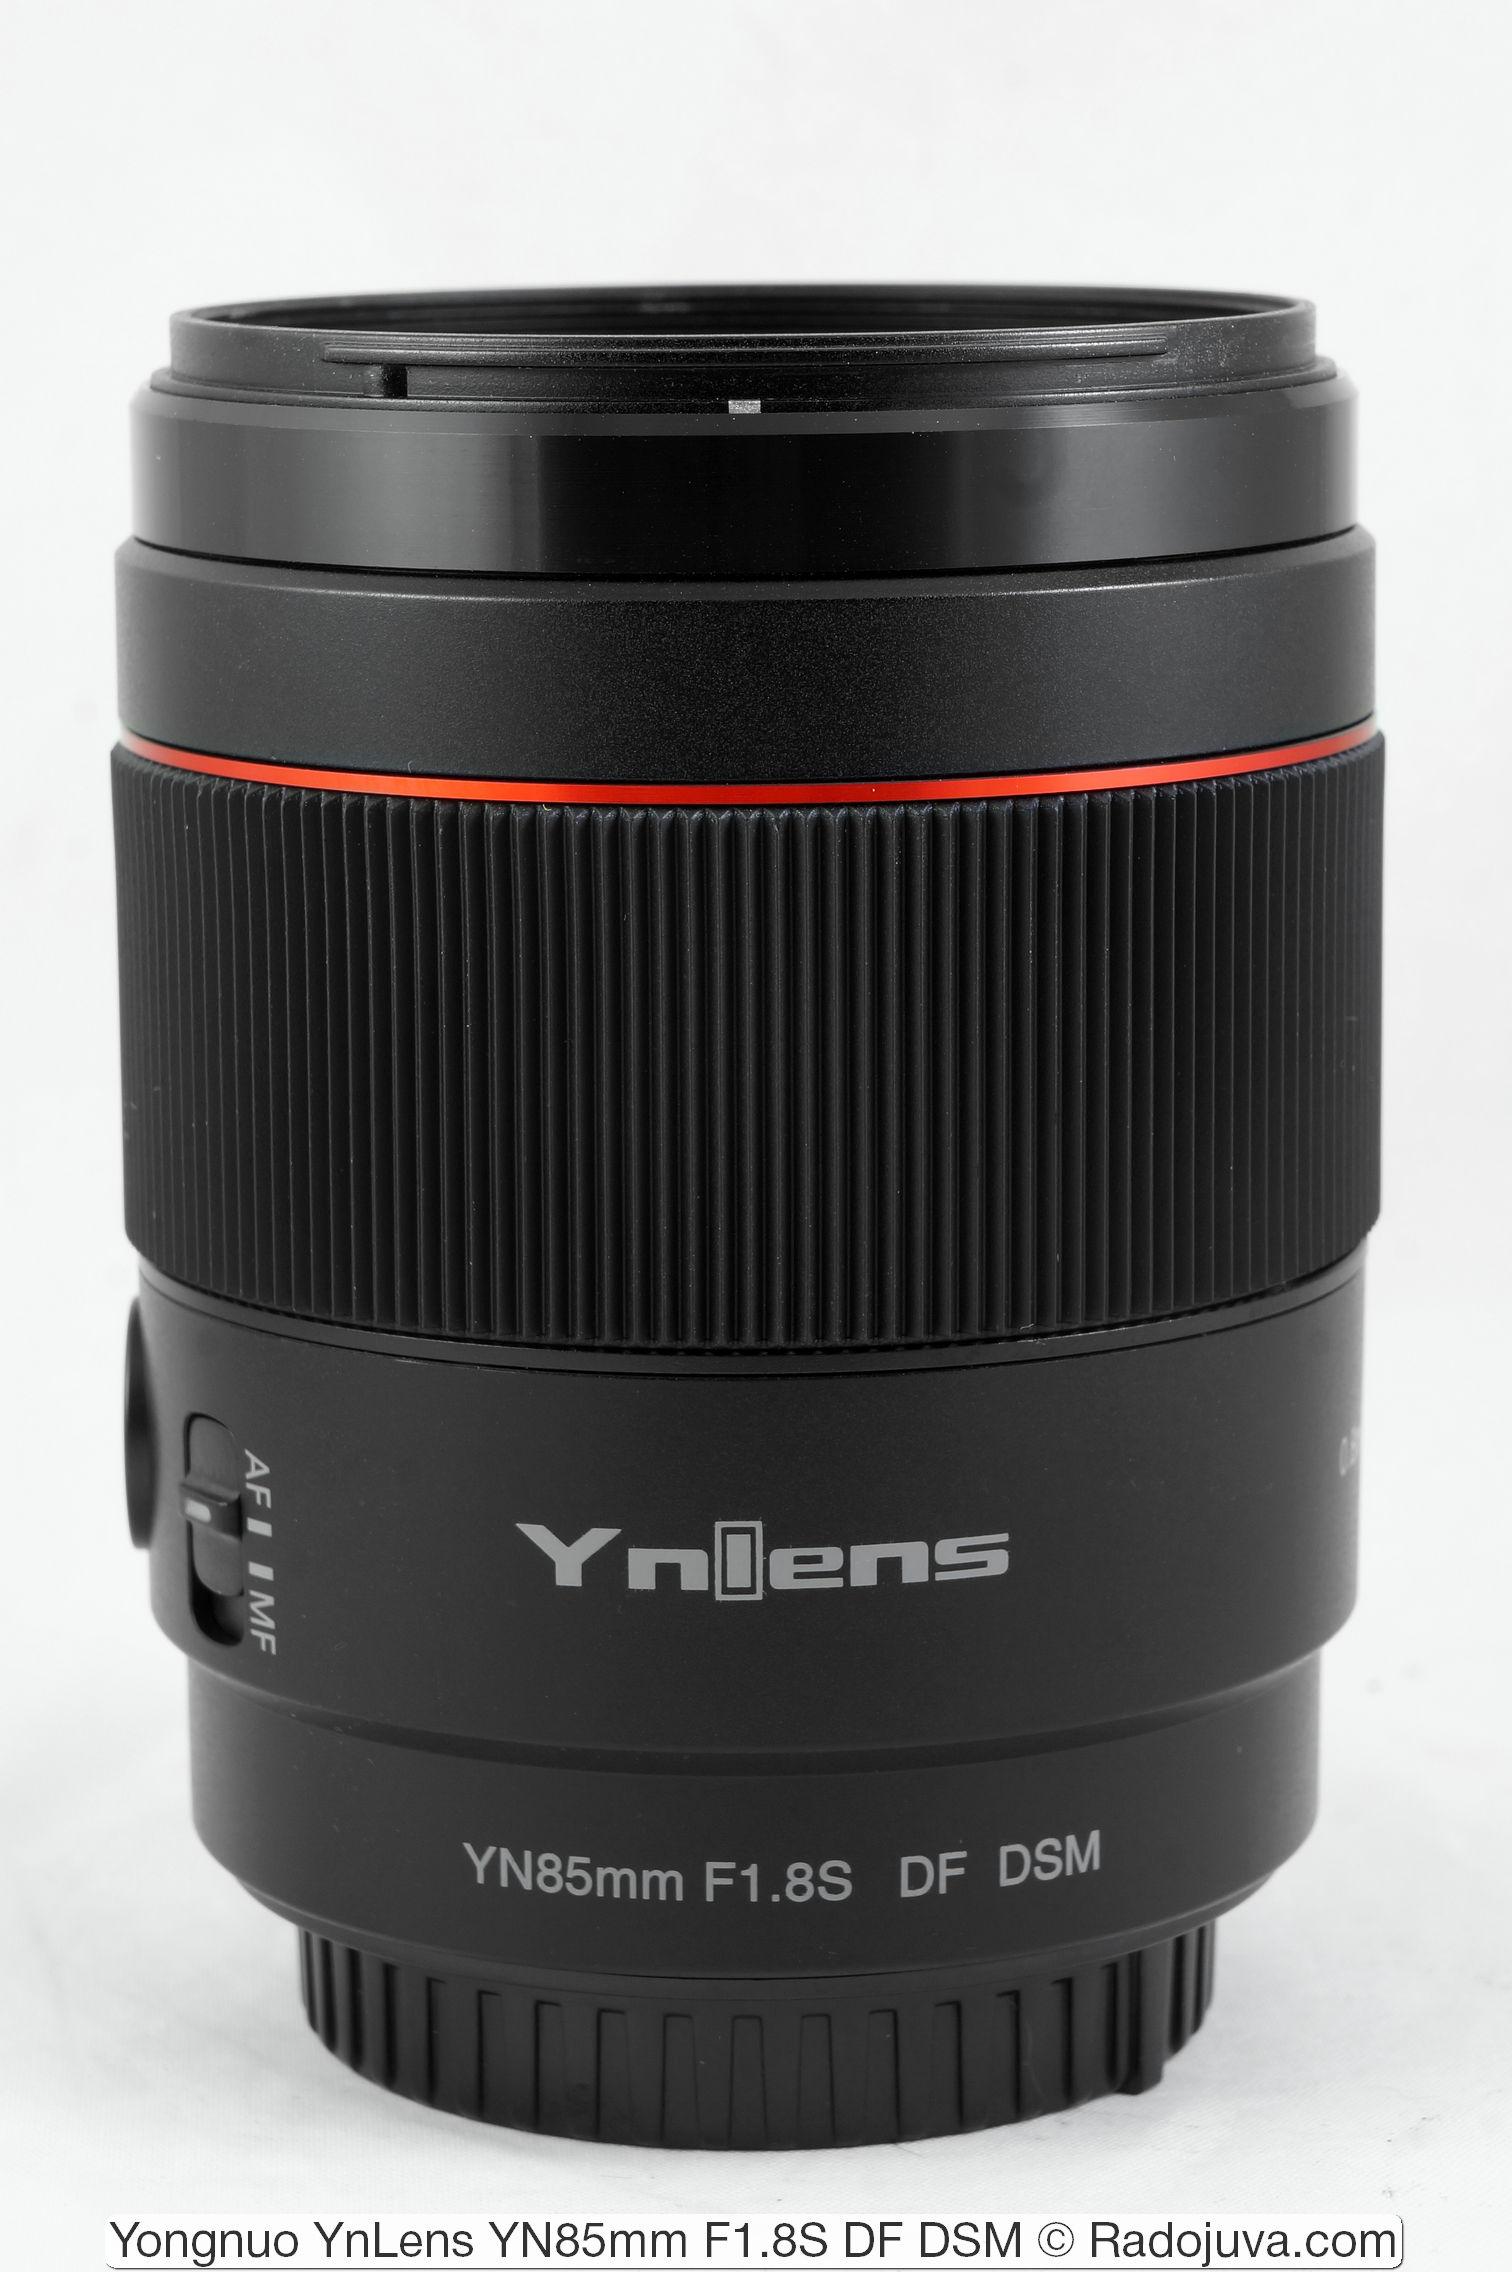 Yongnuo YnLens YN85mm F1.8S DF DSM (для Sony E/FE)